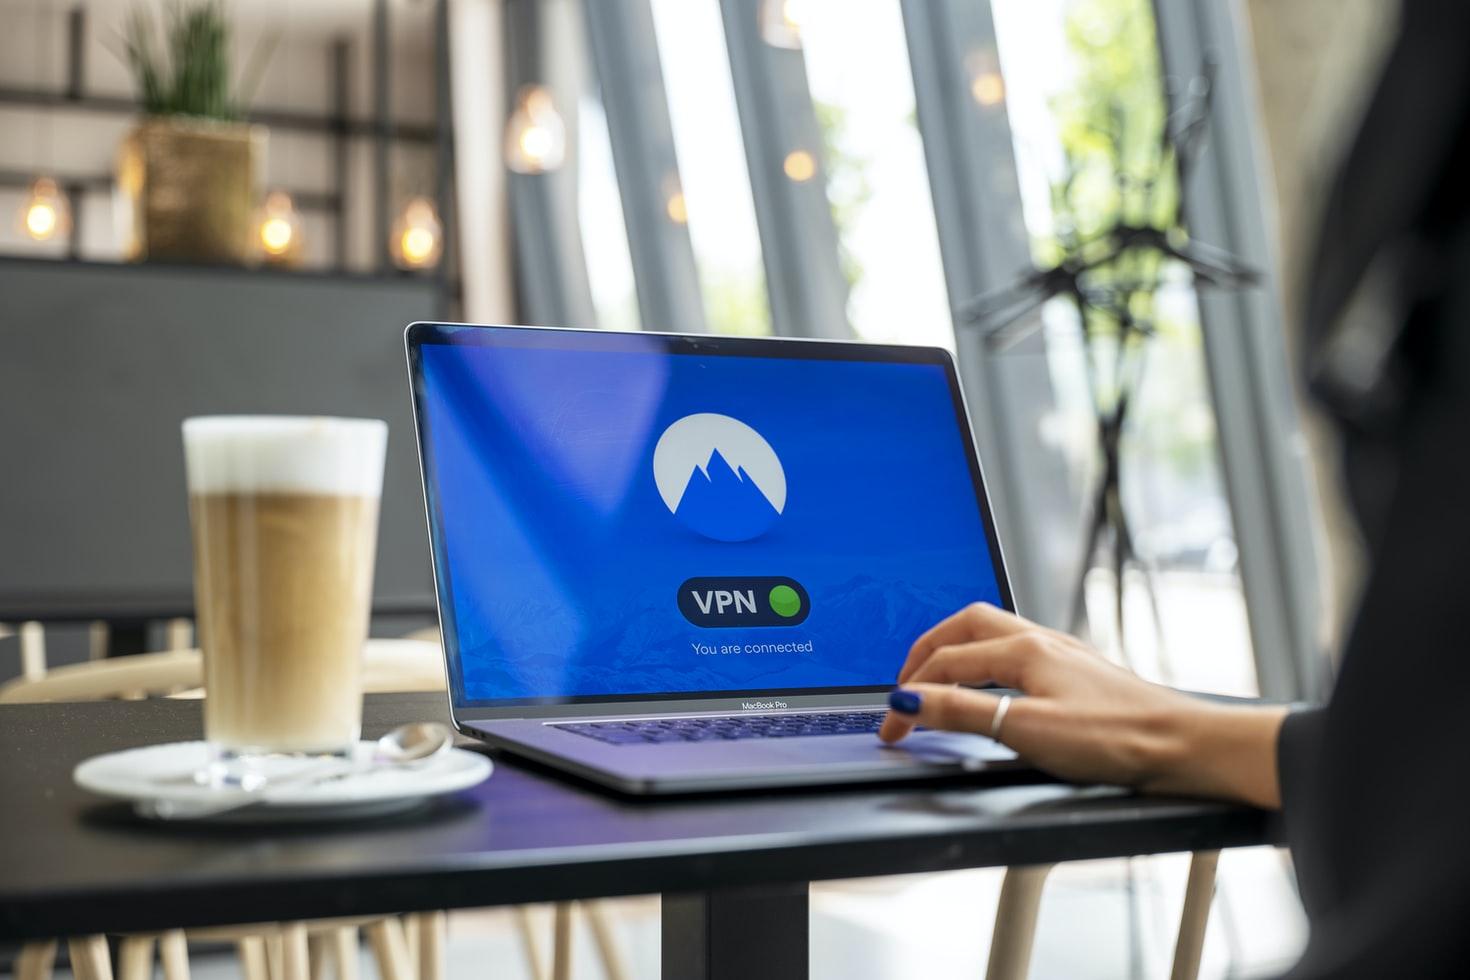 Hvorfor få en VPN-forbindelse?